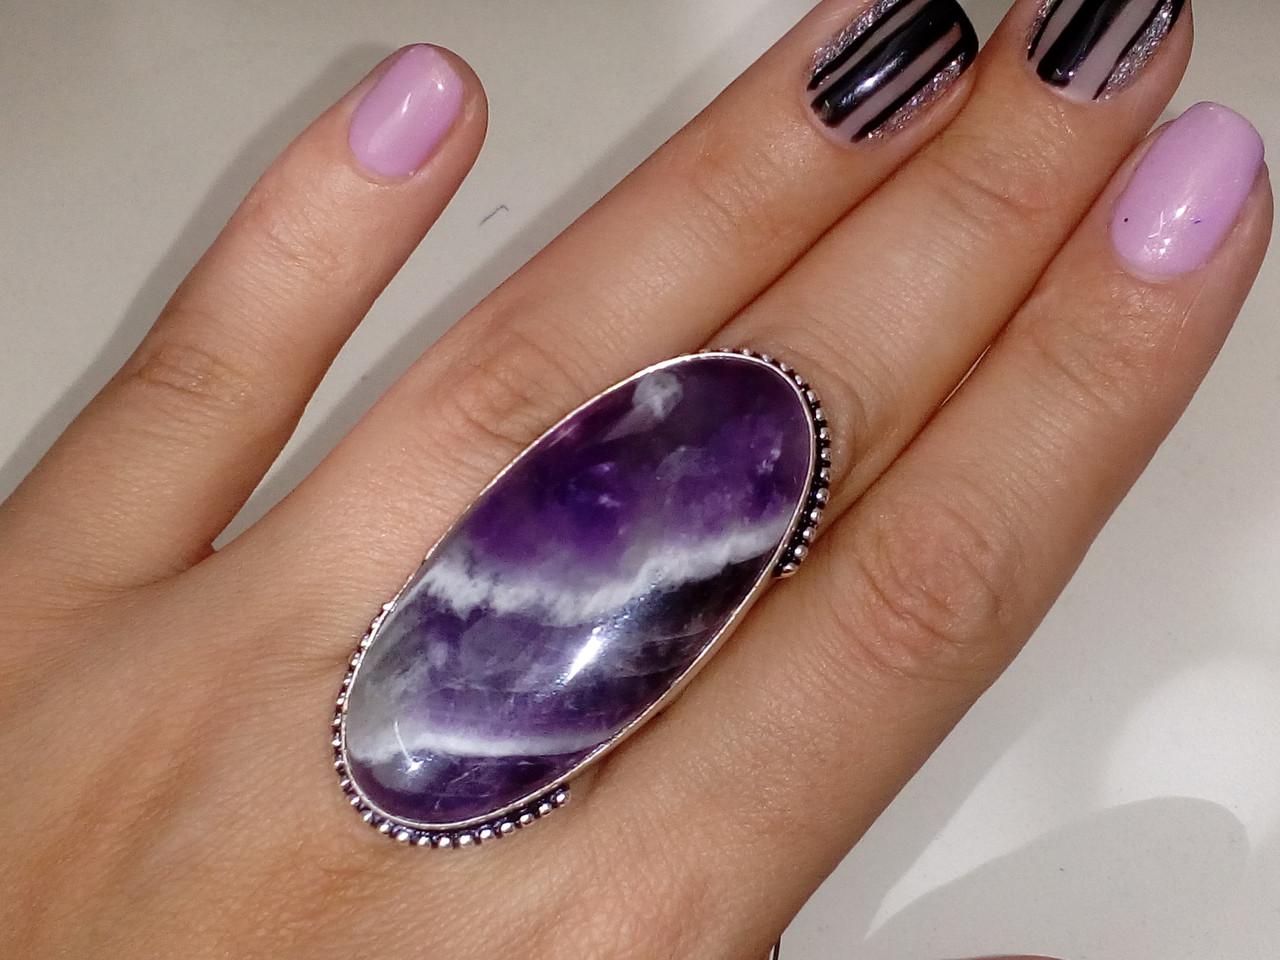 Аметист шеврон кольцо с натуральным аметистом в серебре 18.5 размер Индия